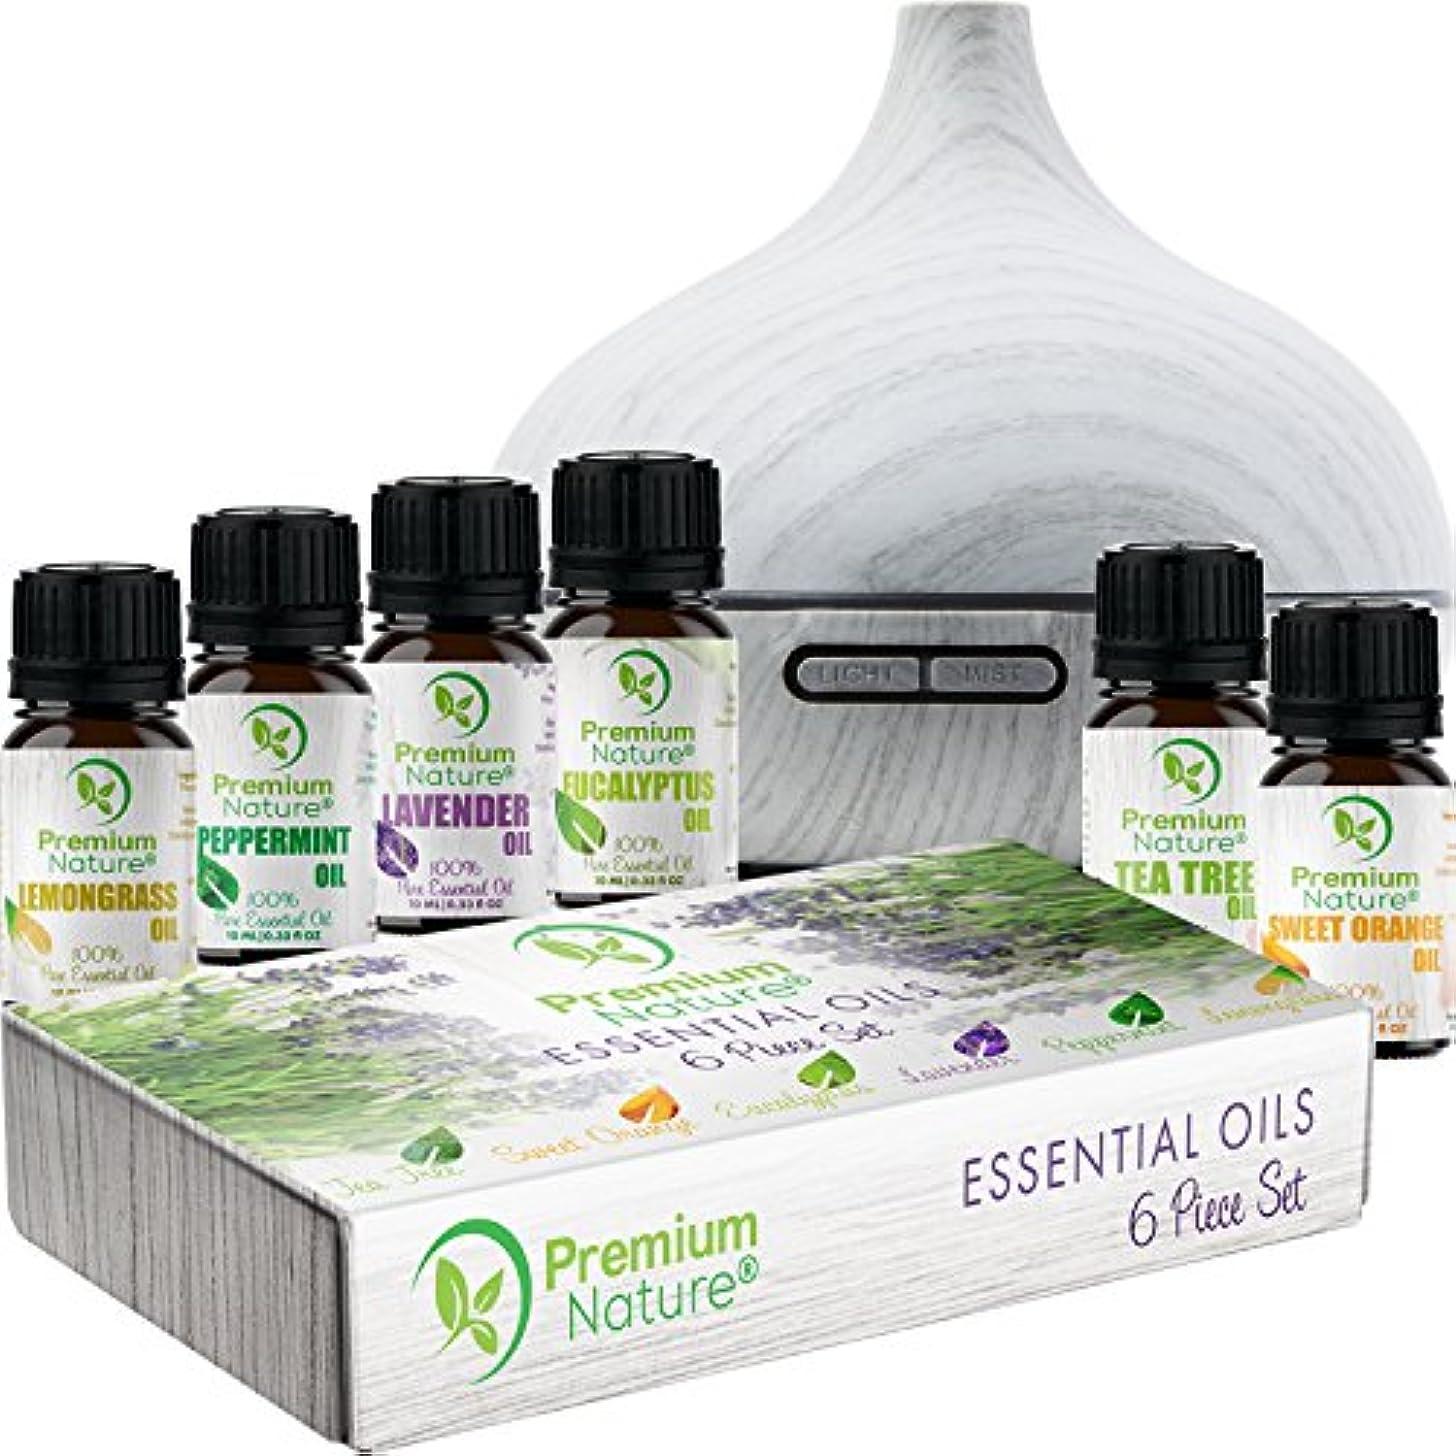 純粋にお手伝いさんオーバーフローAromatherapy Essential Oil & Diffuser Gift Set – 250 mlタンク& Top 6 Oils – Therapeutic Grade – ペパーミント、ティーツリー、レモングラス...